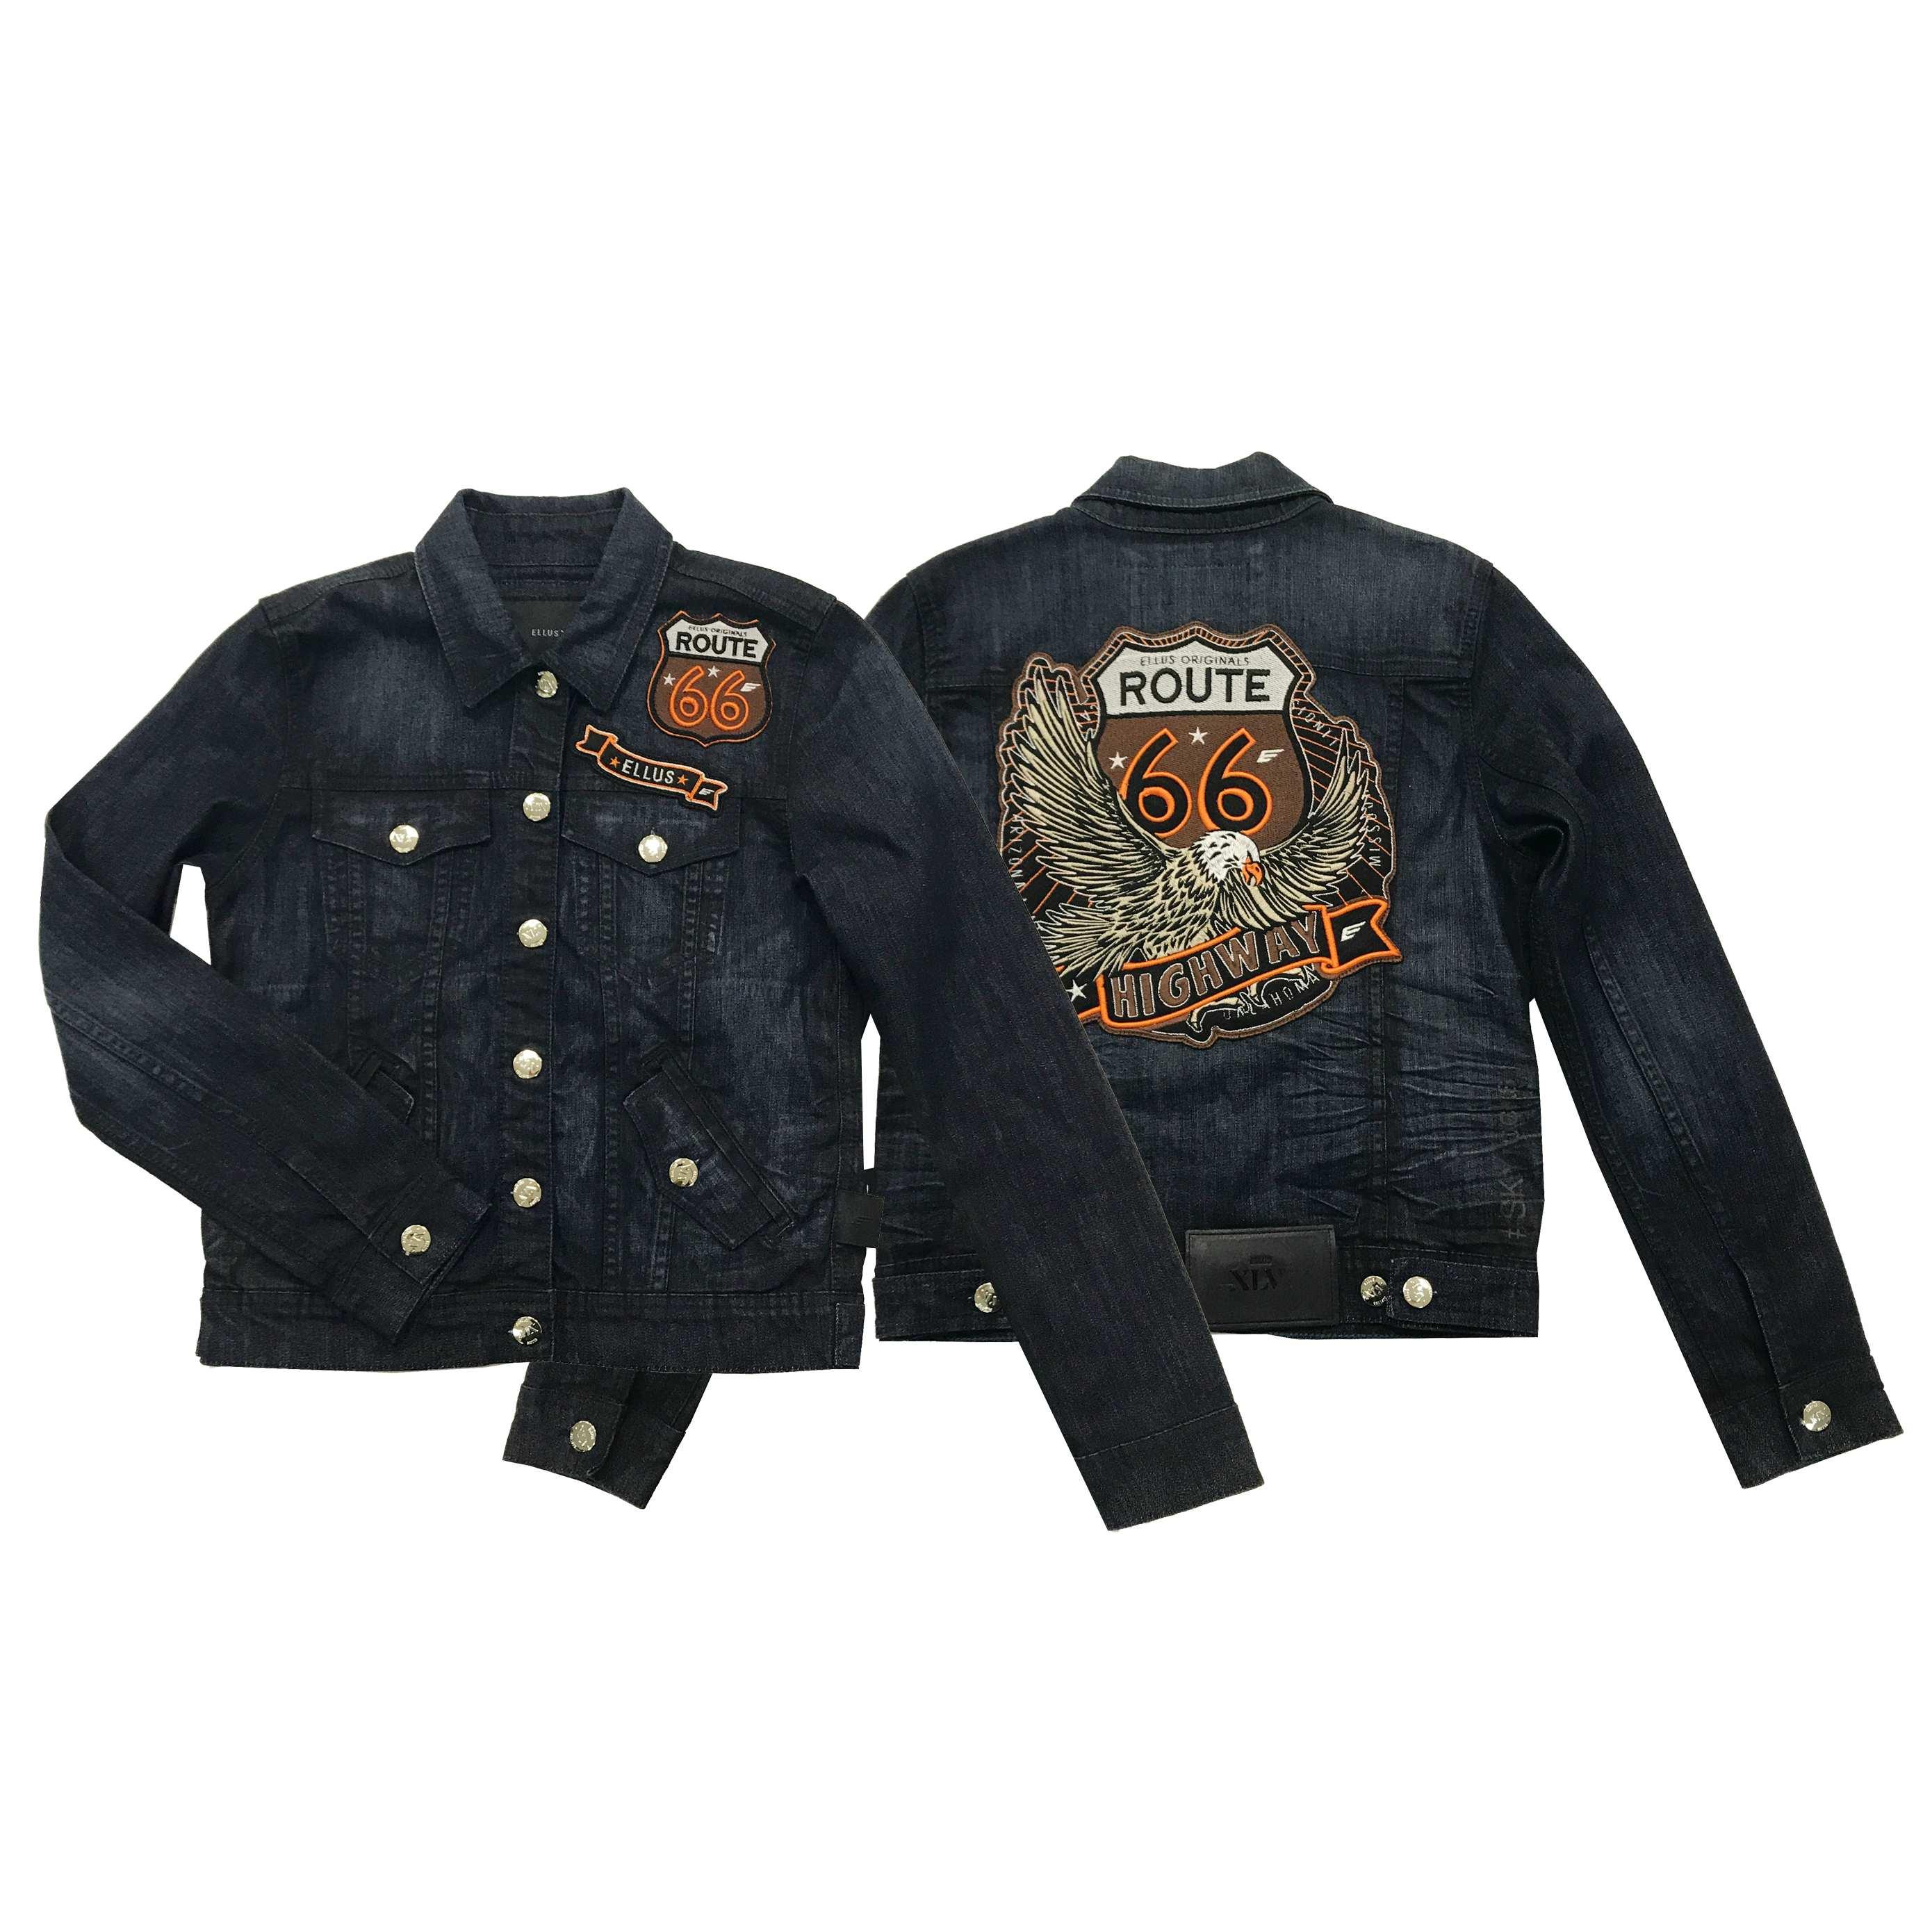 Rota 66 é tema de edição especial de jaquetas customizadas para o Rock in Rio